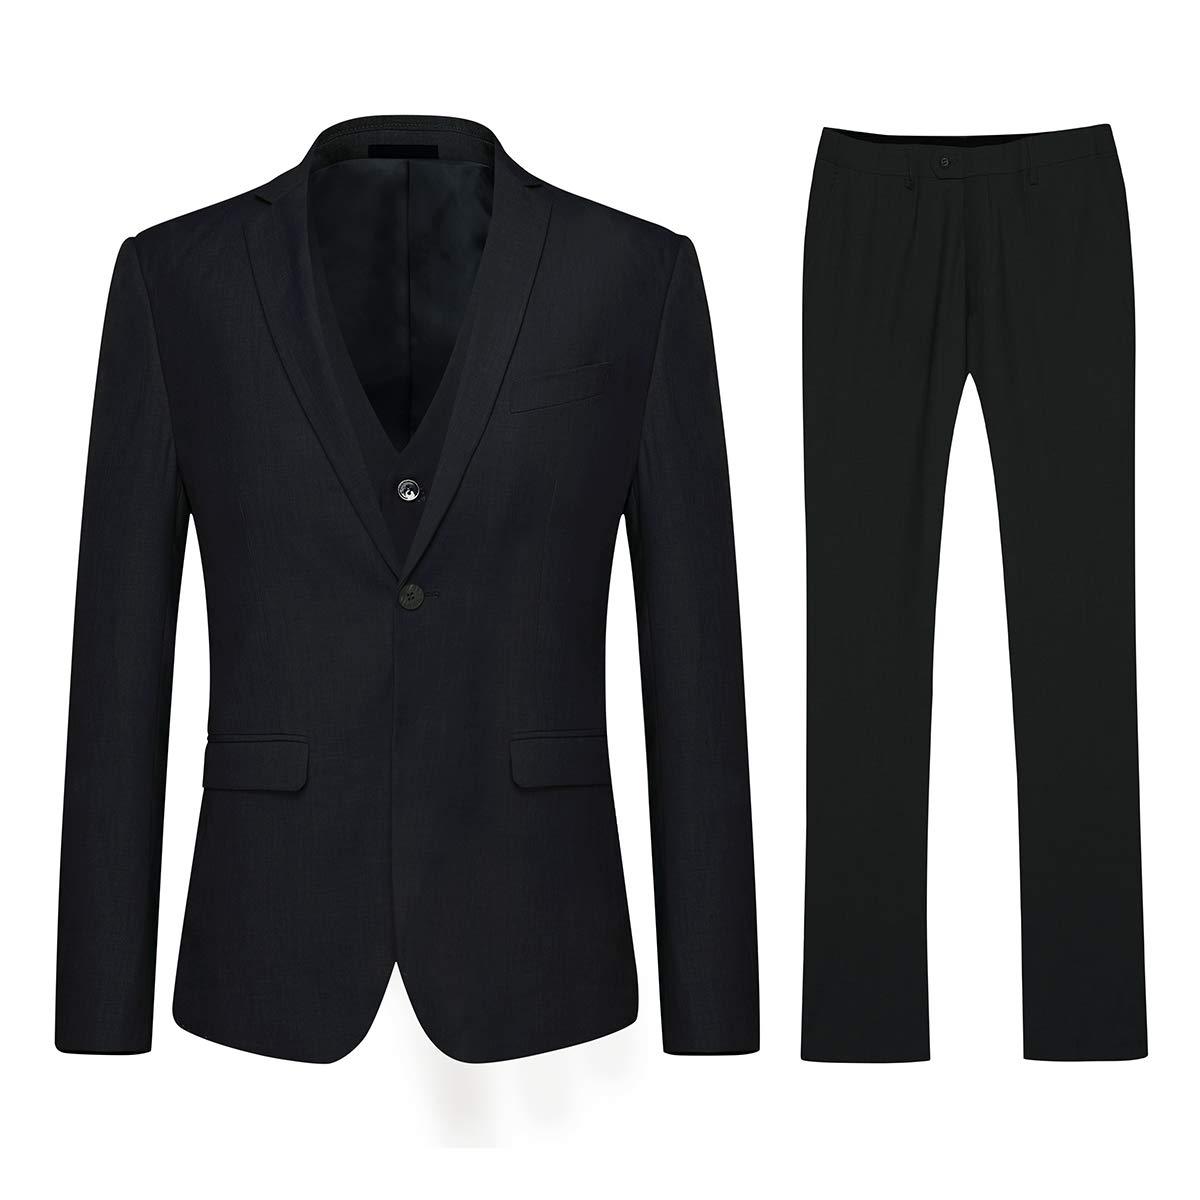 Schwarz1 Knopf) YOUTHUP Slim Fit 3 Teilig Herrenanzüge Business Hochzeit Herren Anzug Smoking Sakkos Anzughose und Weste